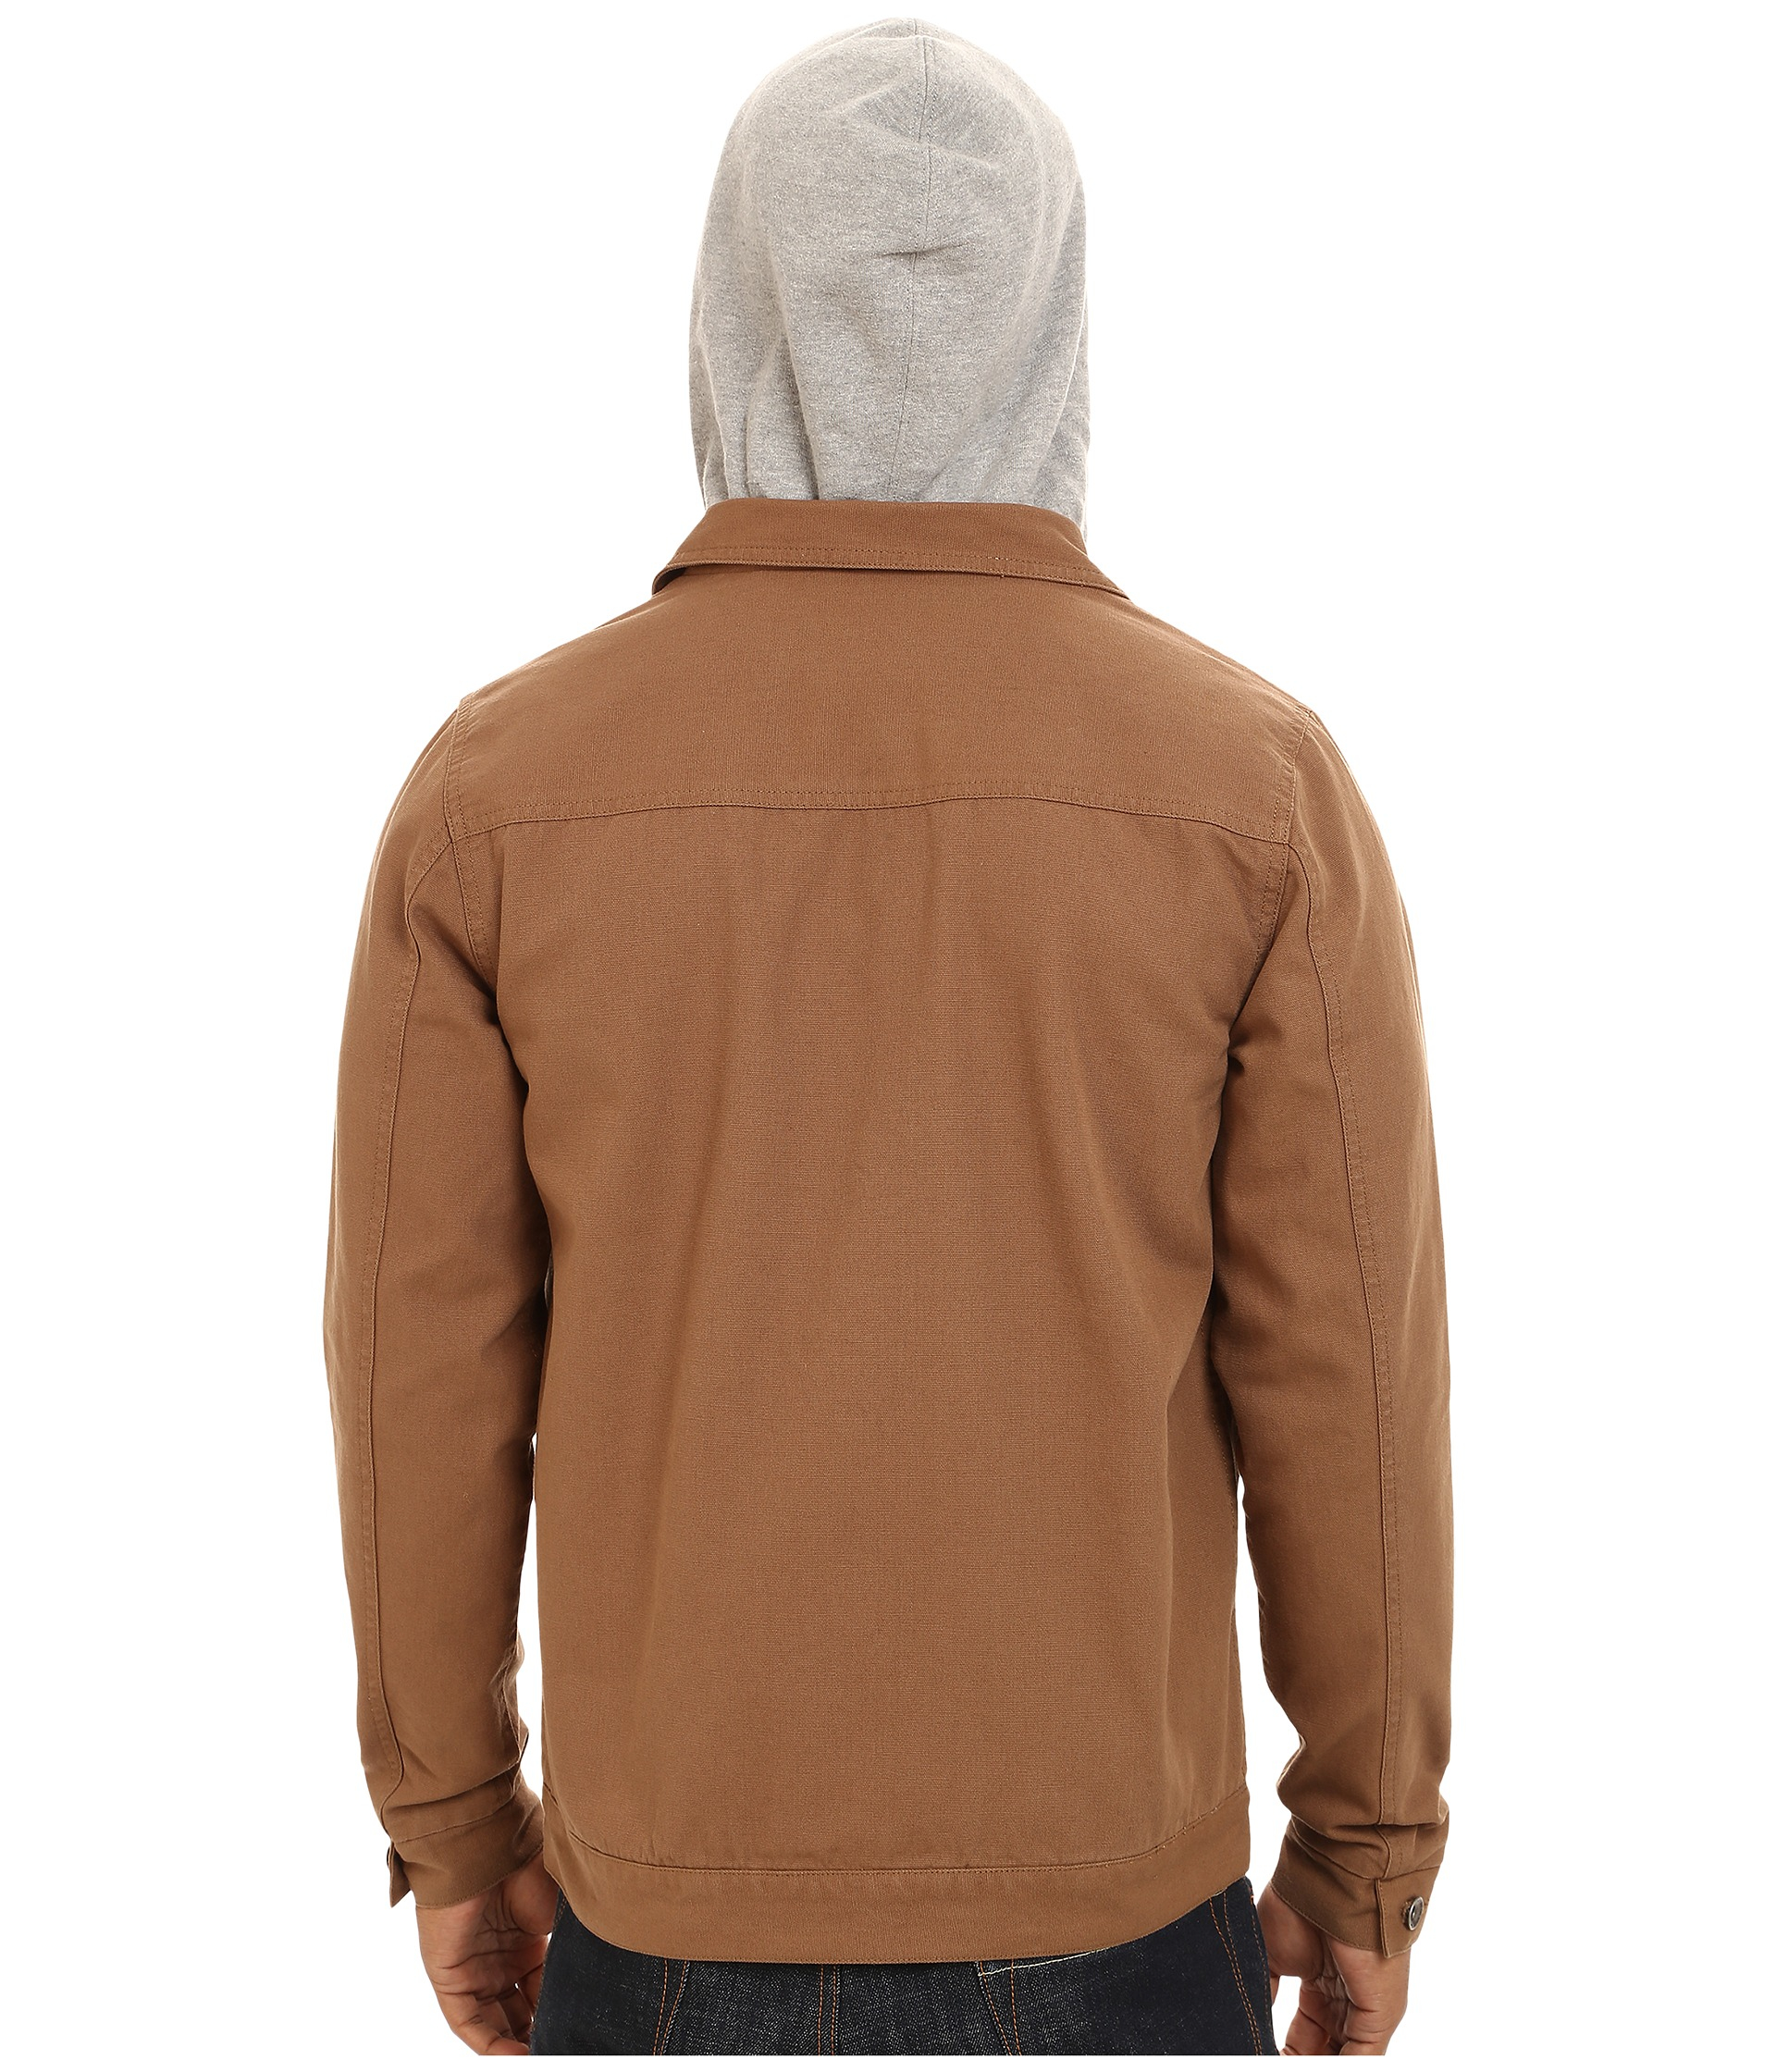 calpine men Columbia men's calpine interchange jacket sale $20299 orig $27500.